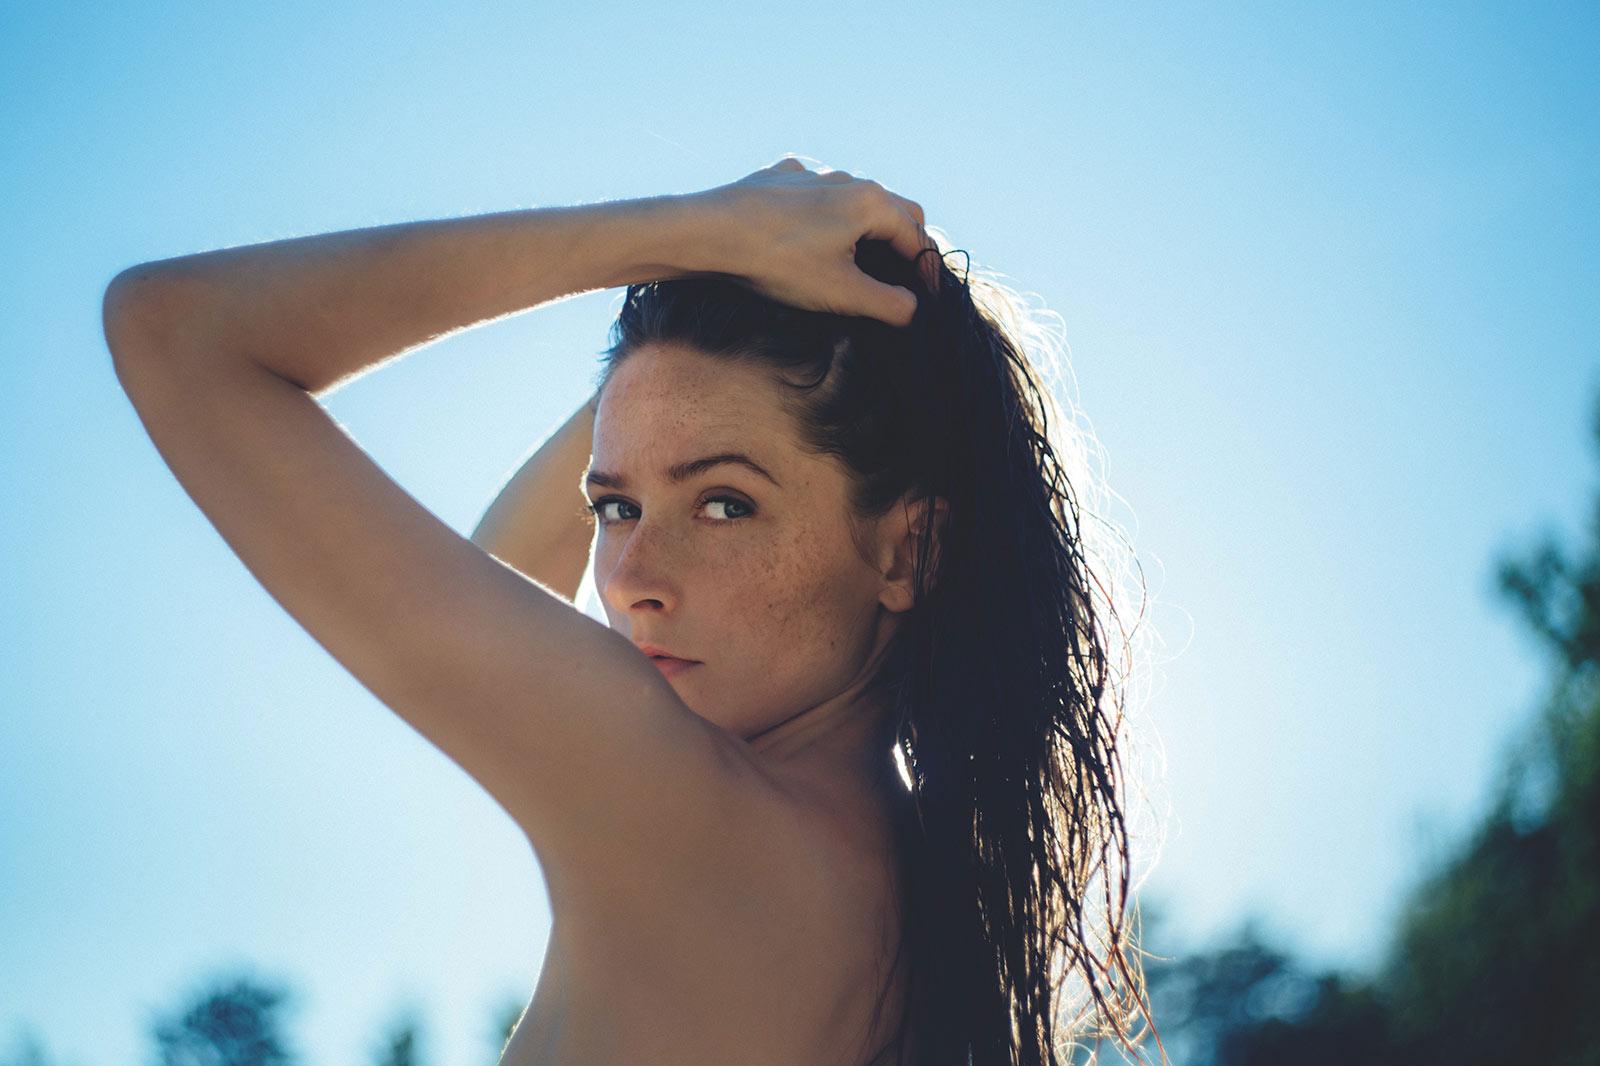 Chica en verano con una piel bonita